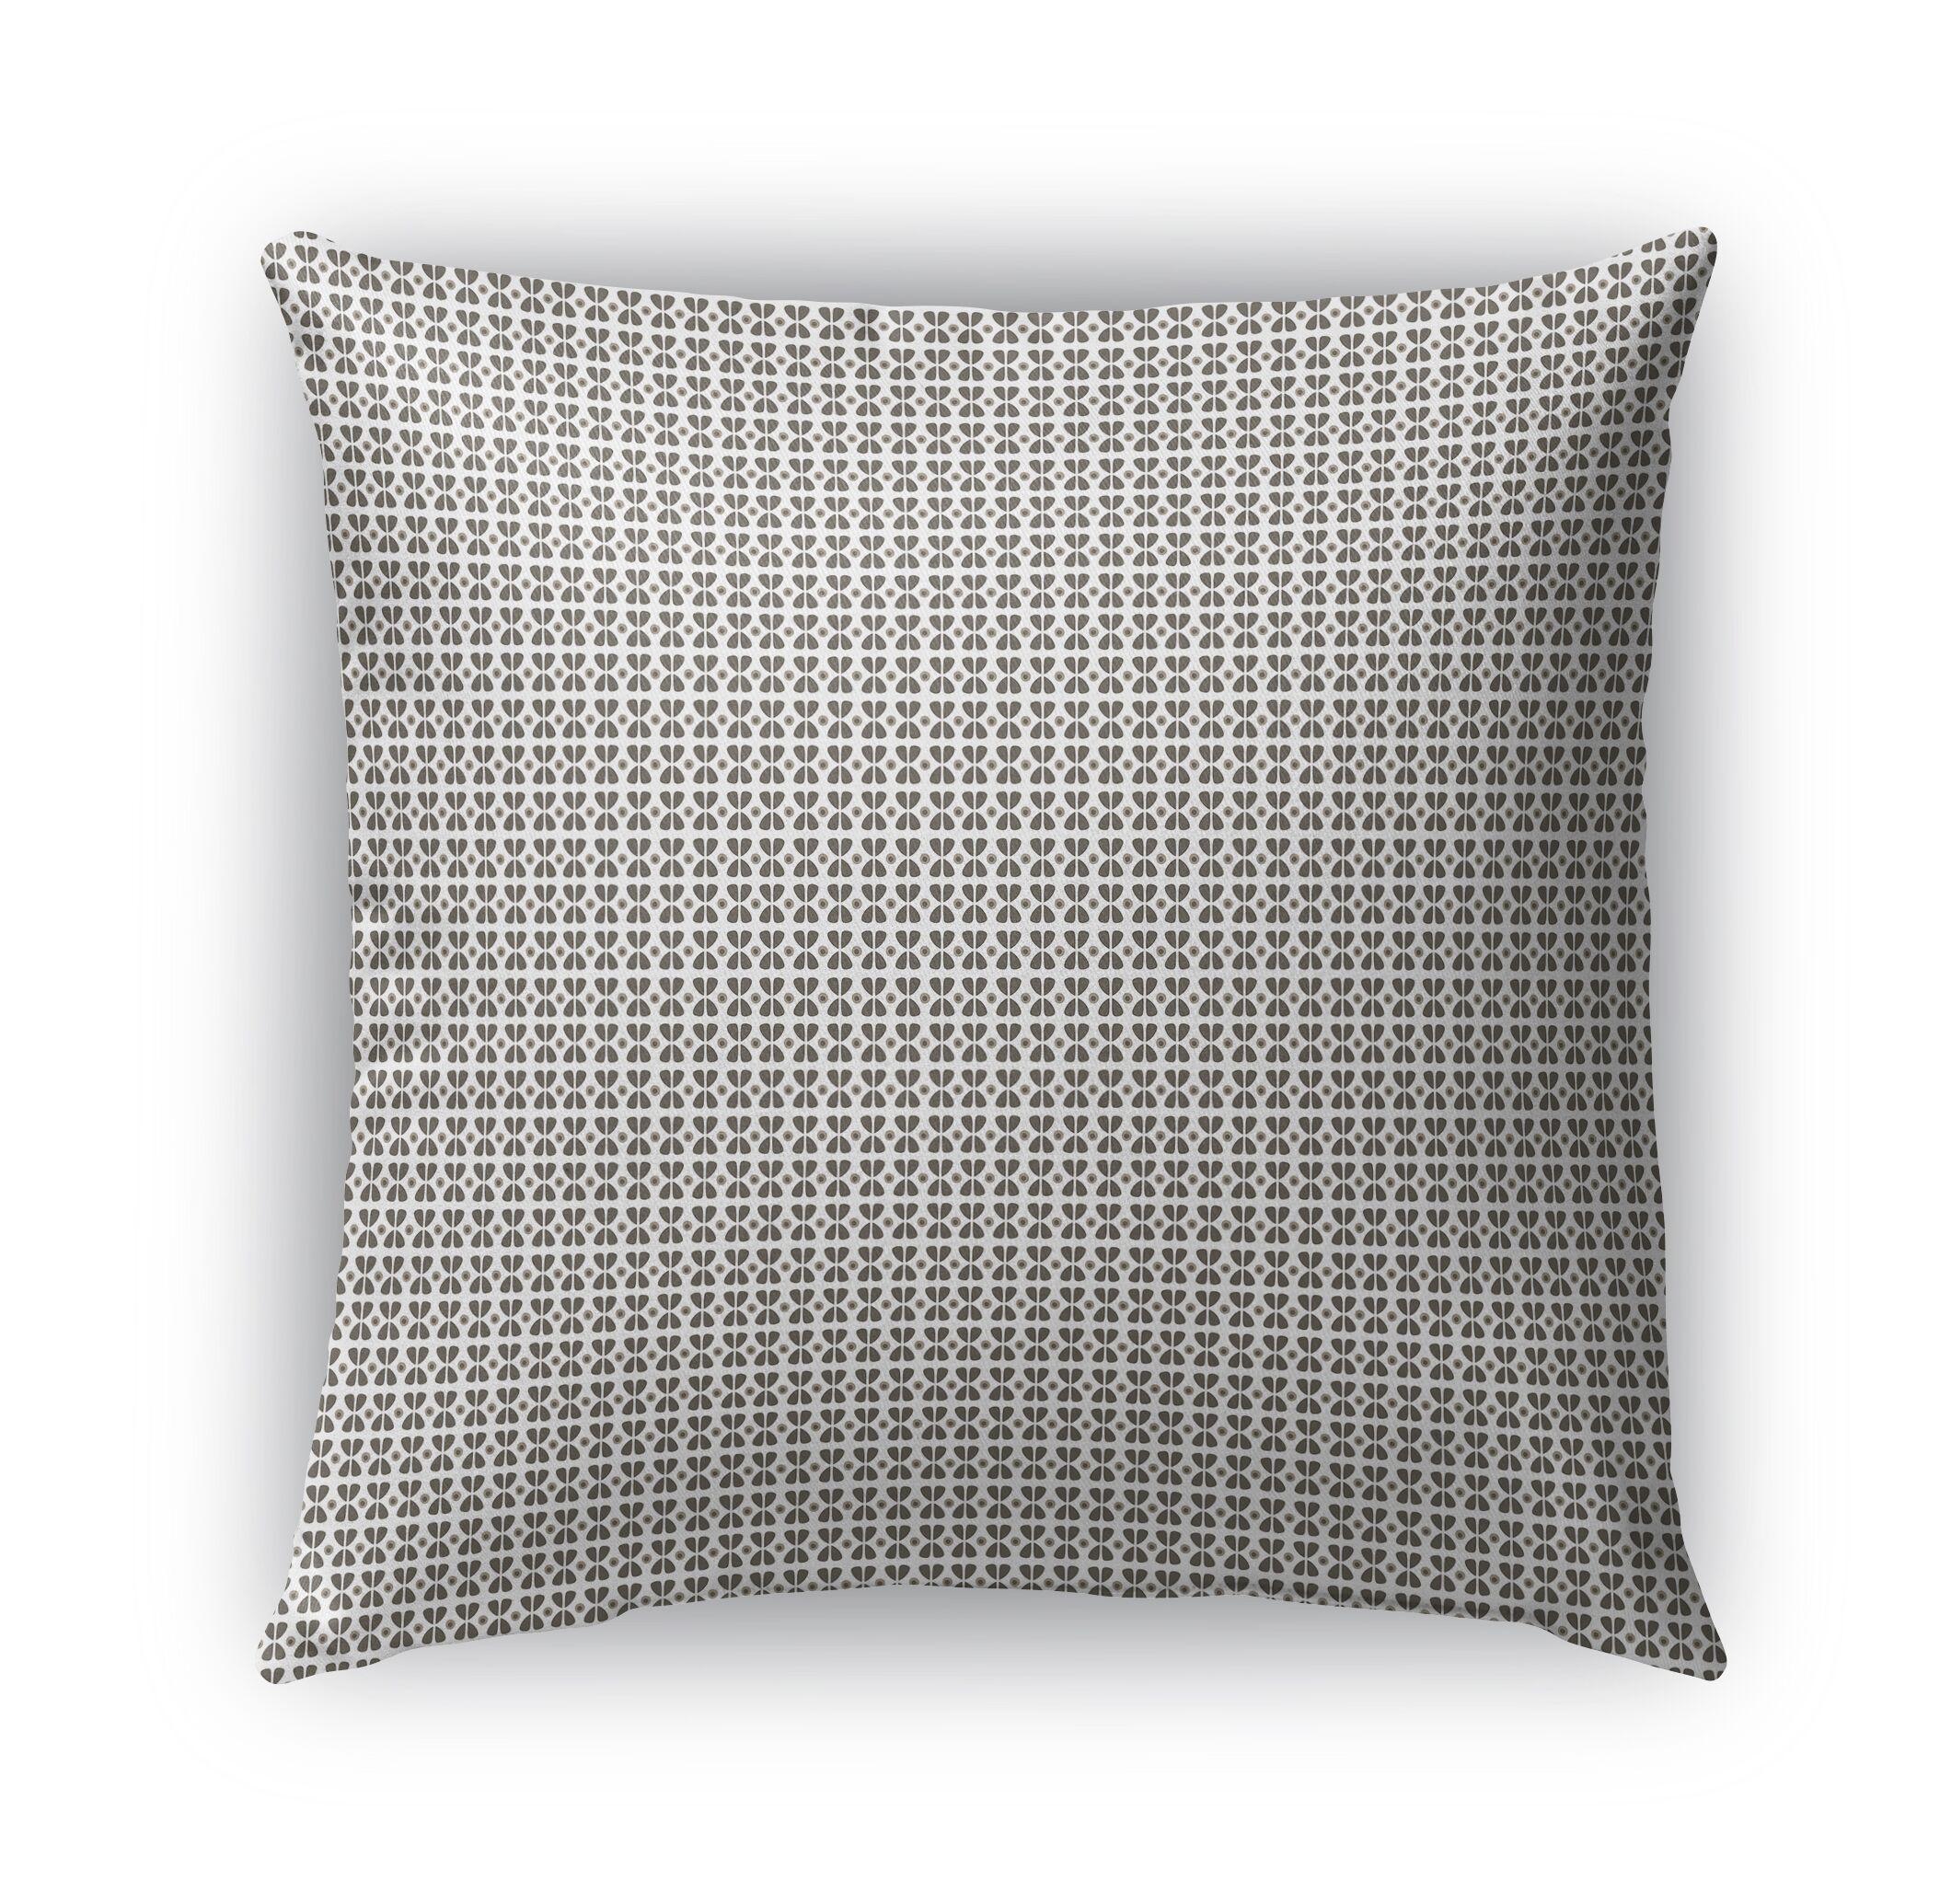 Stickler Indoor/Outdoor Pillow Size: 26